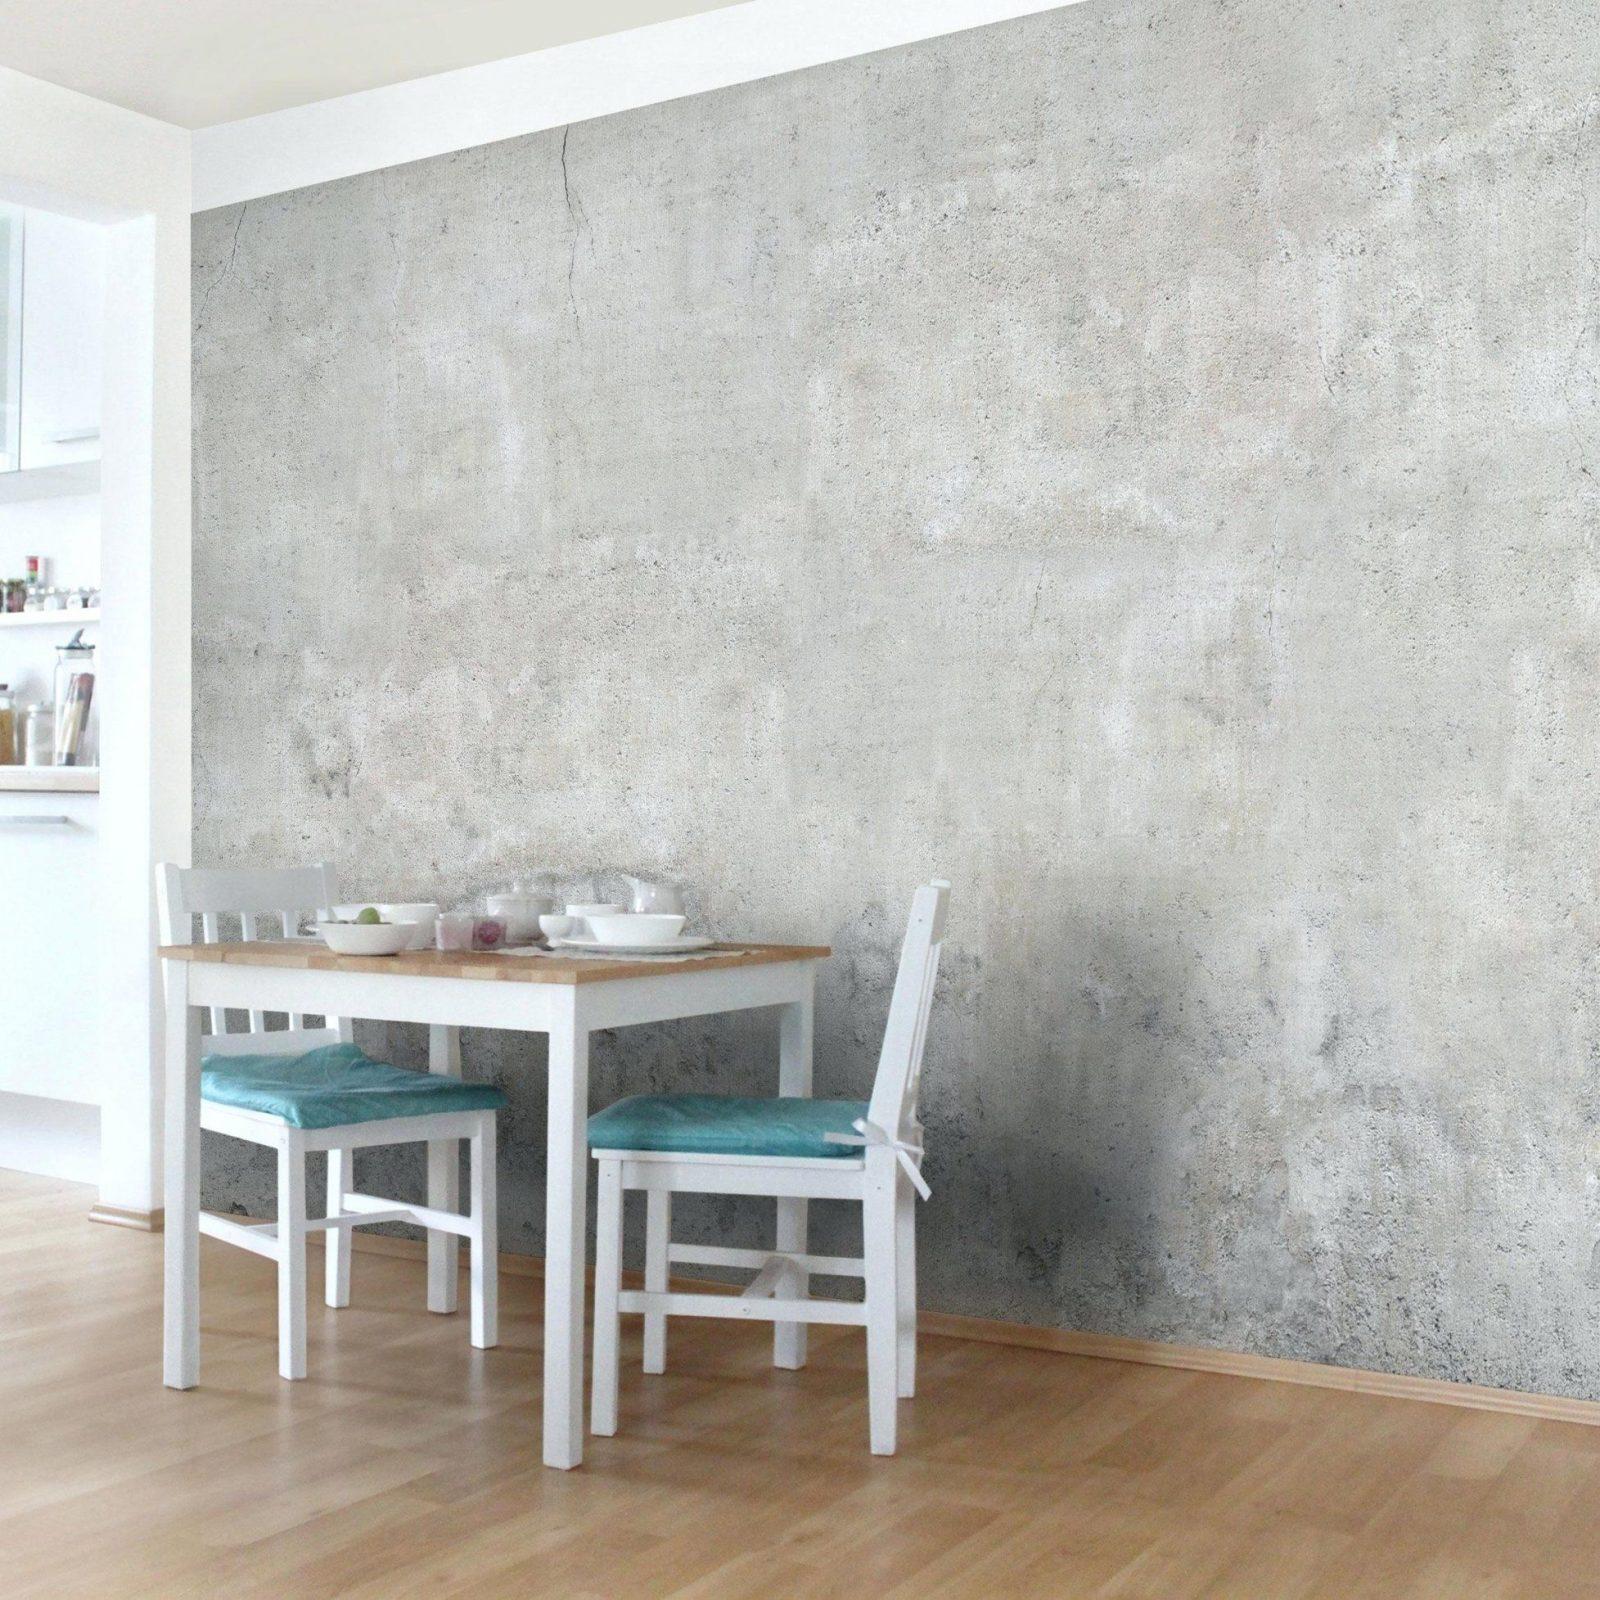 Wandverkleidung Betonoptik Bricco Cottooptik Ka 1 4 Che Bad von Wandverkleidung Stein Selber Machen Bild